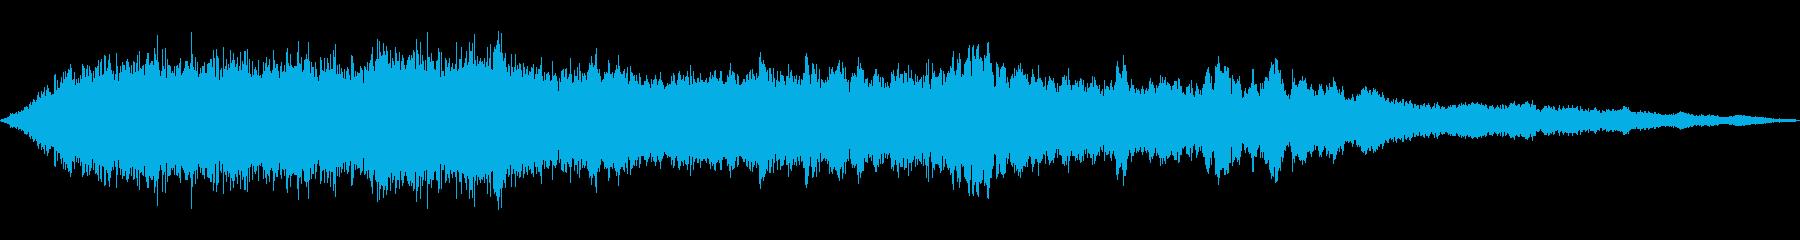 ヘリコプター/離陸前/エンジン音!02の再生済みの波形